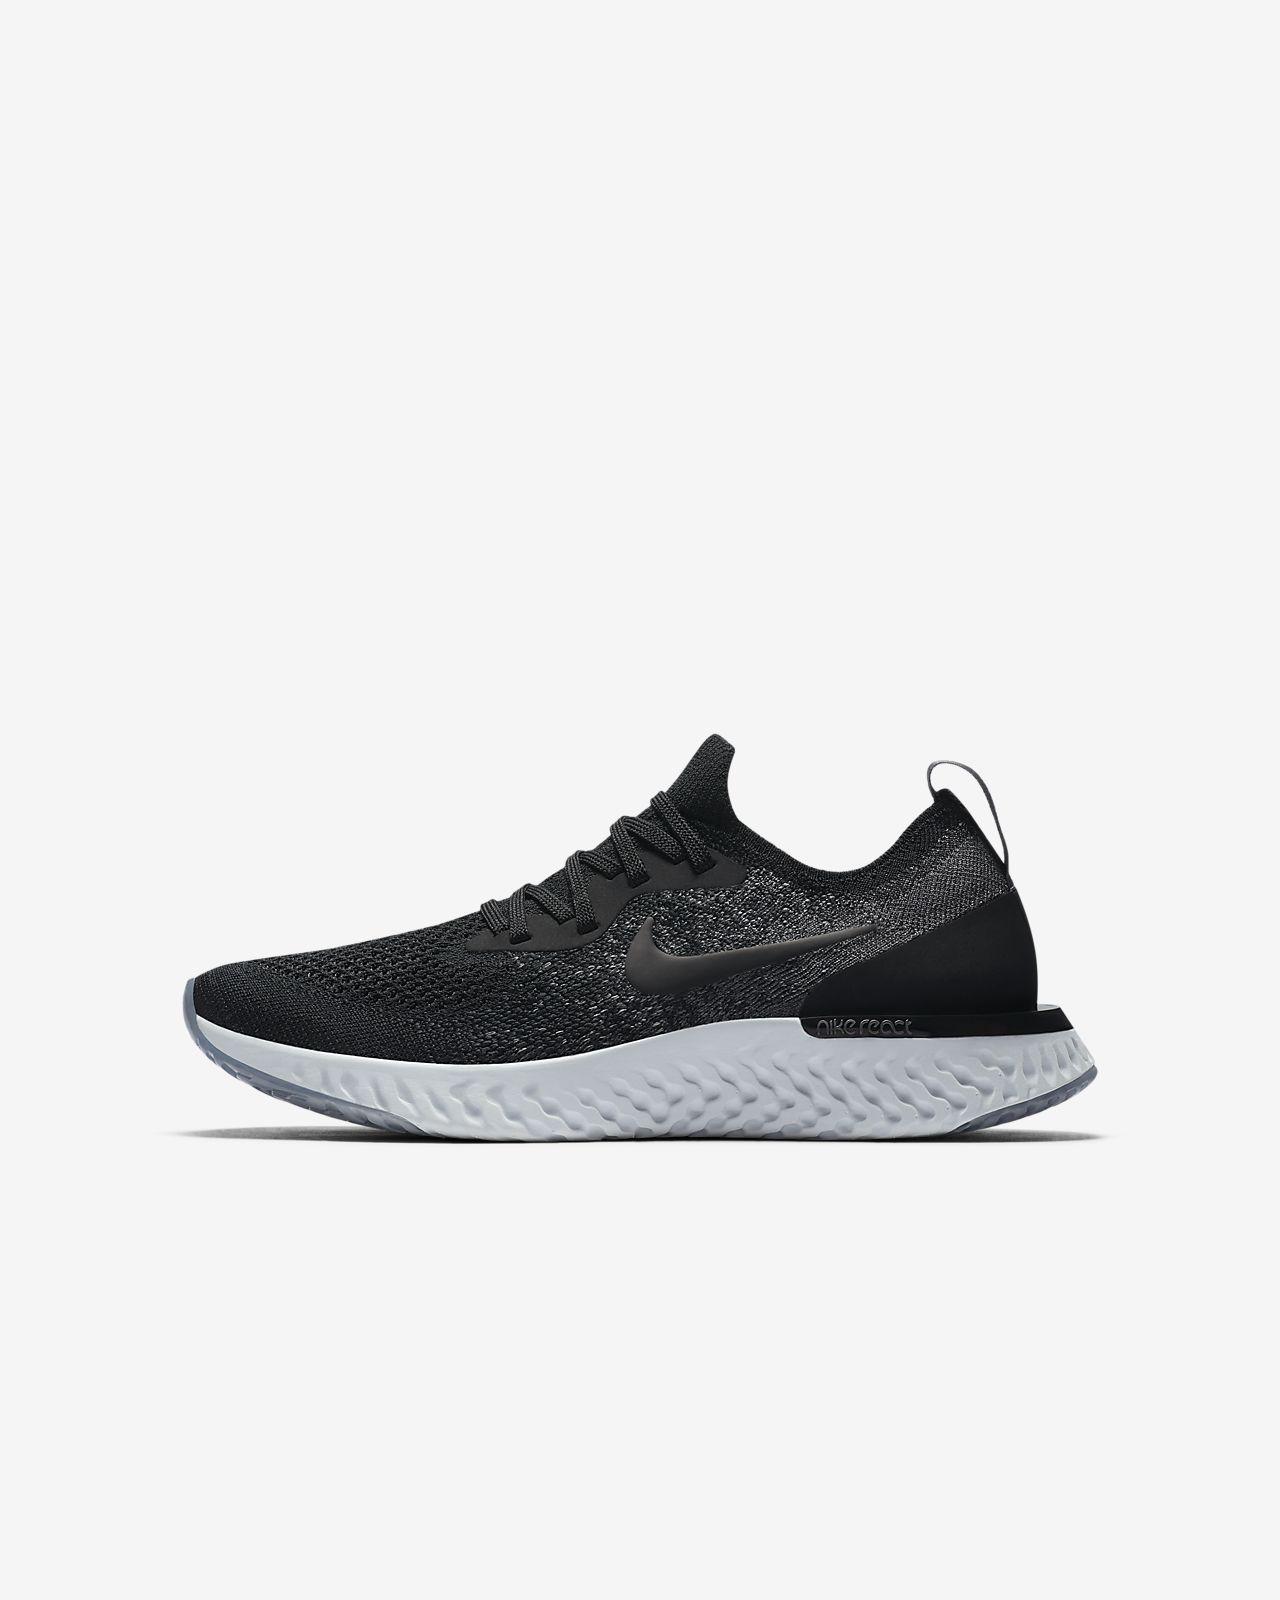 new concept a4c25 33958 ... czech chaussure de running nike epic react flyknit pour enfant plus âgé  551be a5334 ...